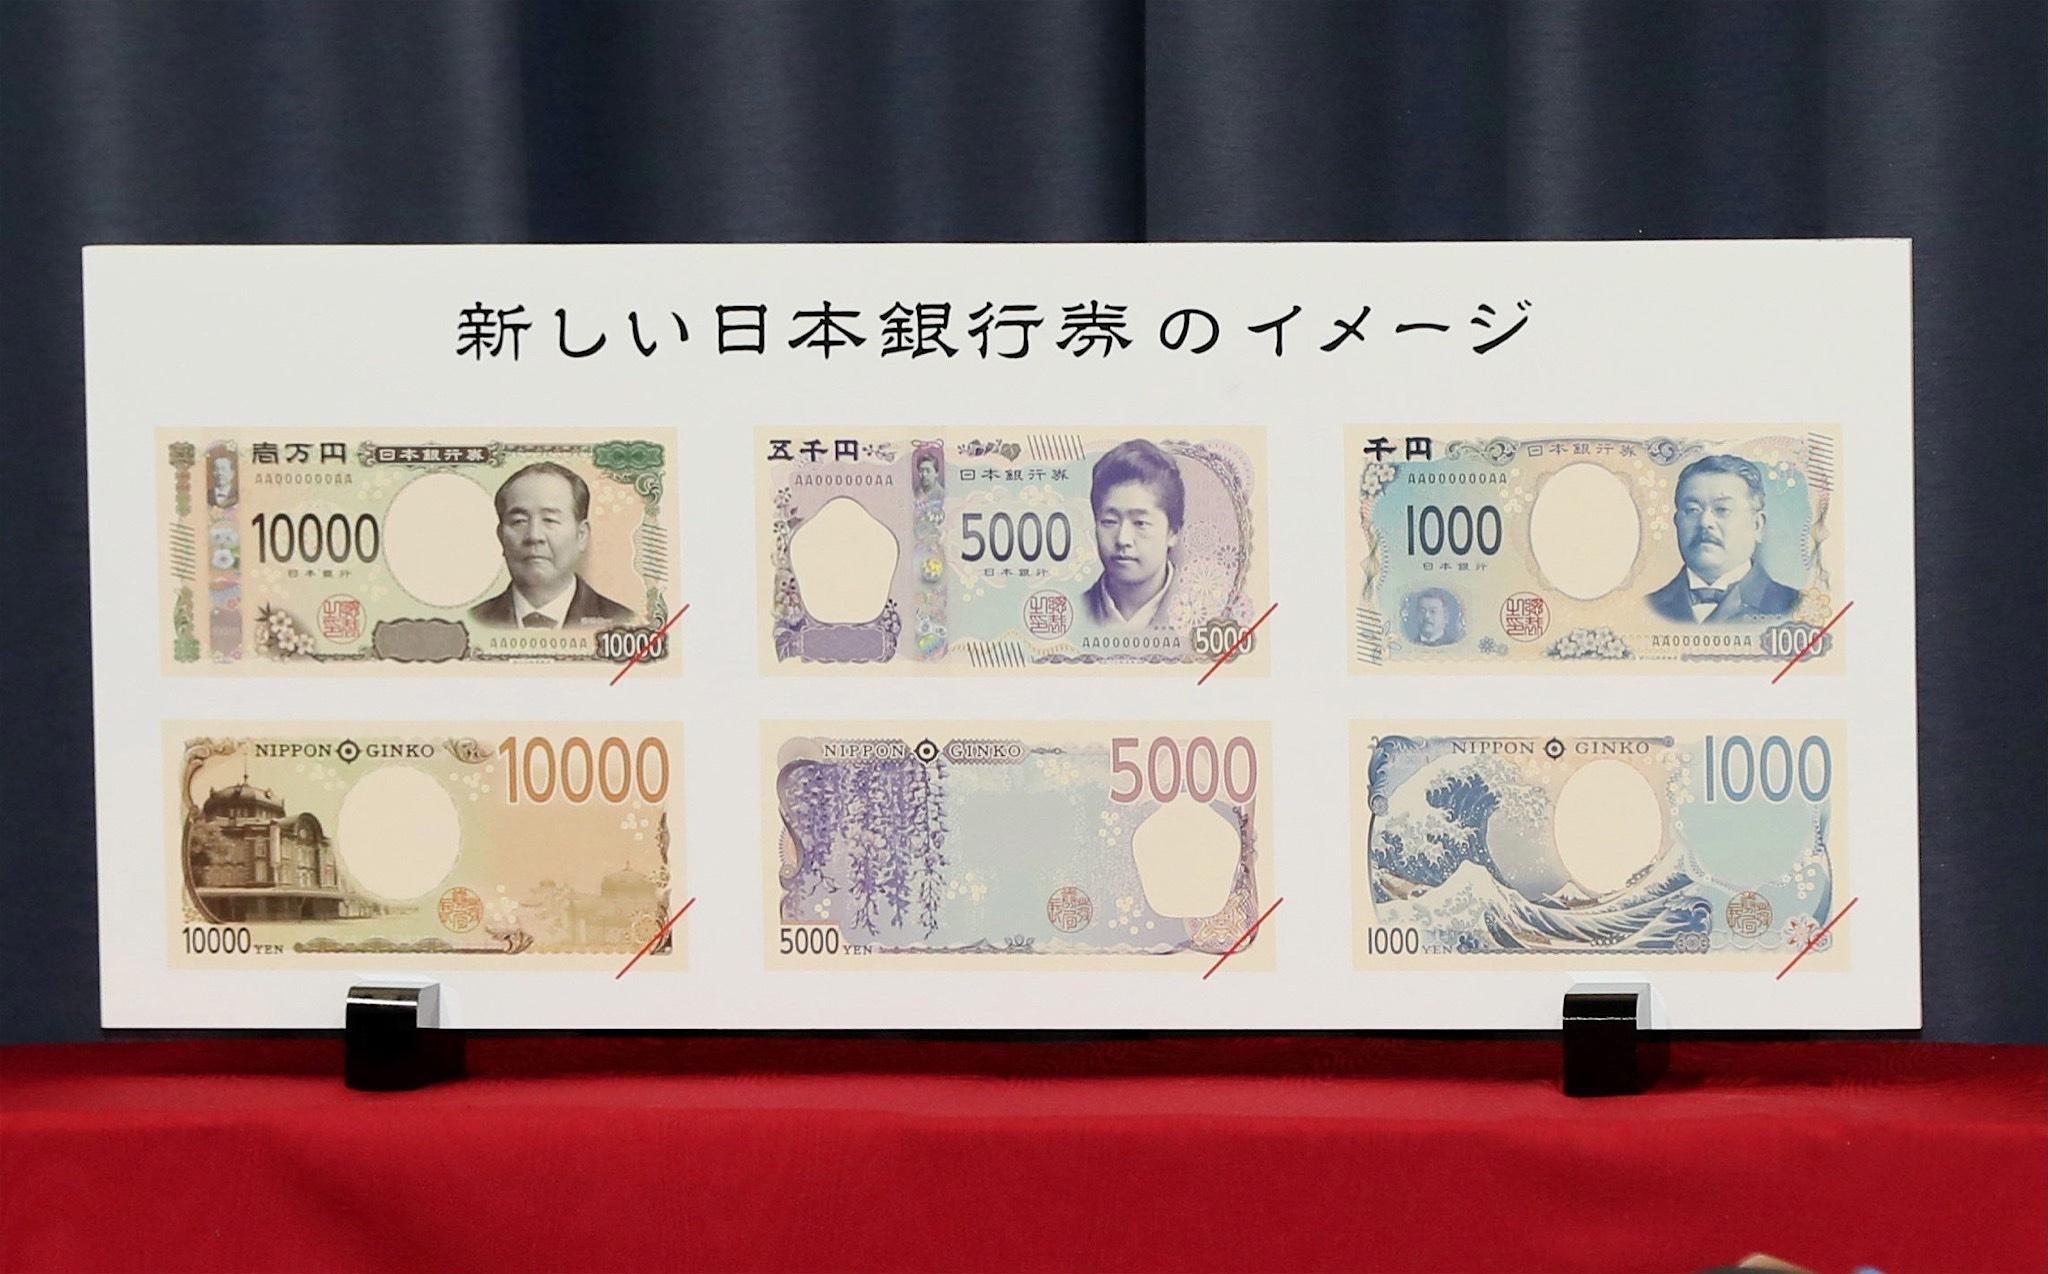 新紙幣 ATM 改修 1.6兆円 特需